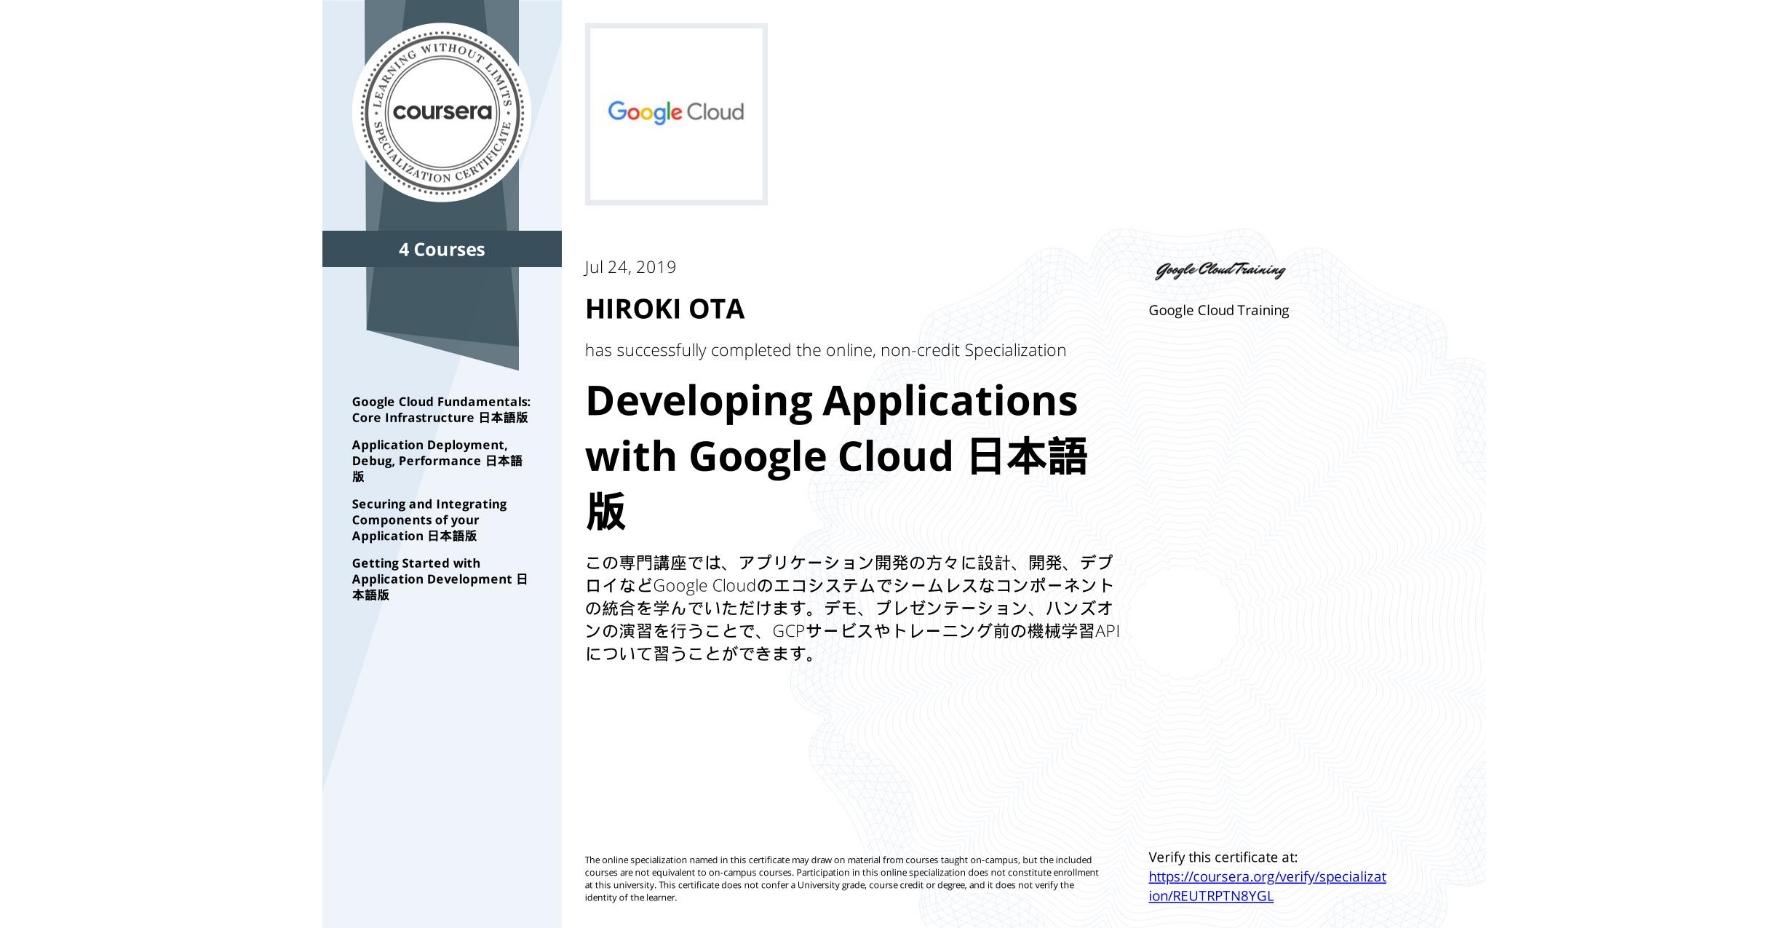 View certificate for HIROKI OTA, Developing Applications with Google Cloud Platform 日本語版, offered through Coursera. この専門講座では、アプリケーション開発の方々に設計、開発、デプロイなどGoogle Cloudのエコシステムでシームレスなコンポーネントの統合を学んでいただけます。デモ、プレゼンテーション、ハンズオンの演習を行うことで、GCPサービスやトレーニング前の機械学習API について習うことができます。